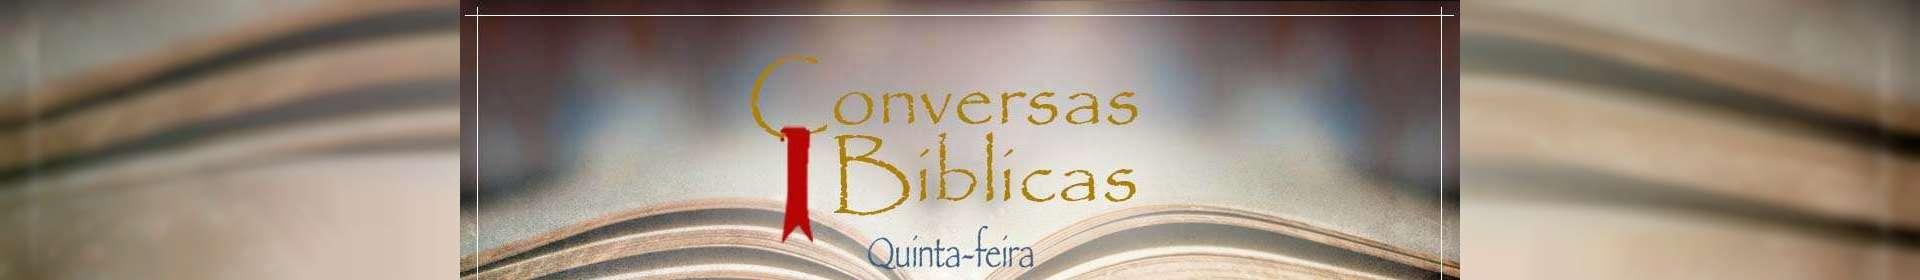 Conversas Bíblicas: Arrebatamento - Parte 2